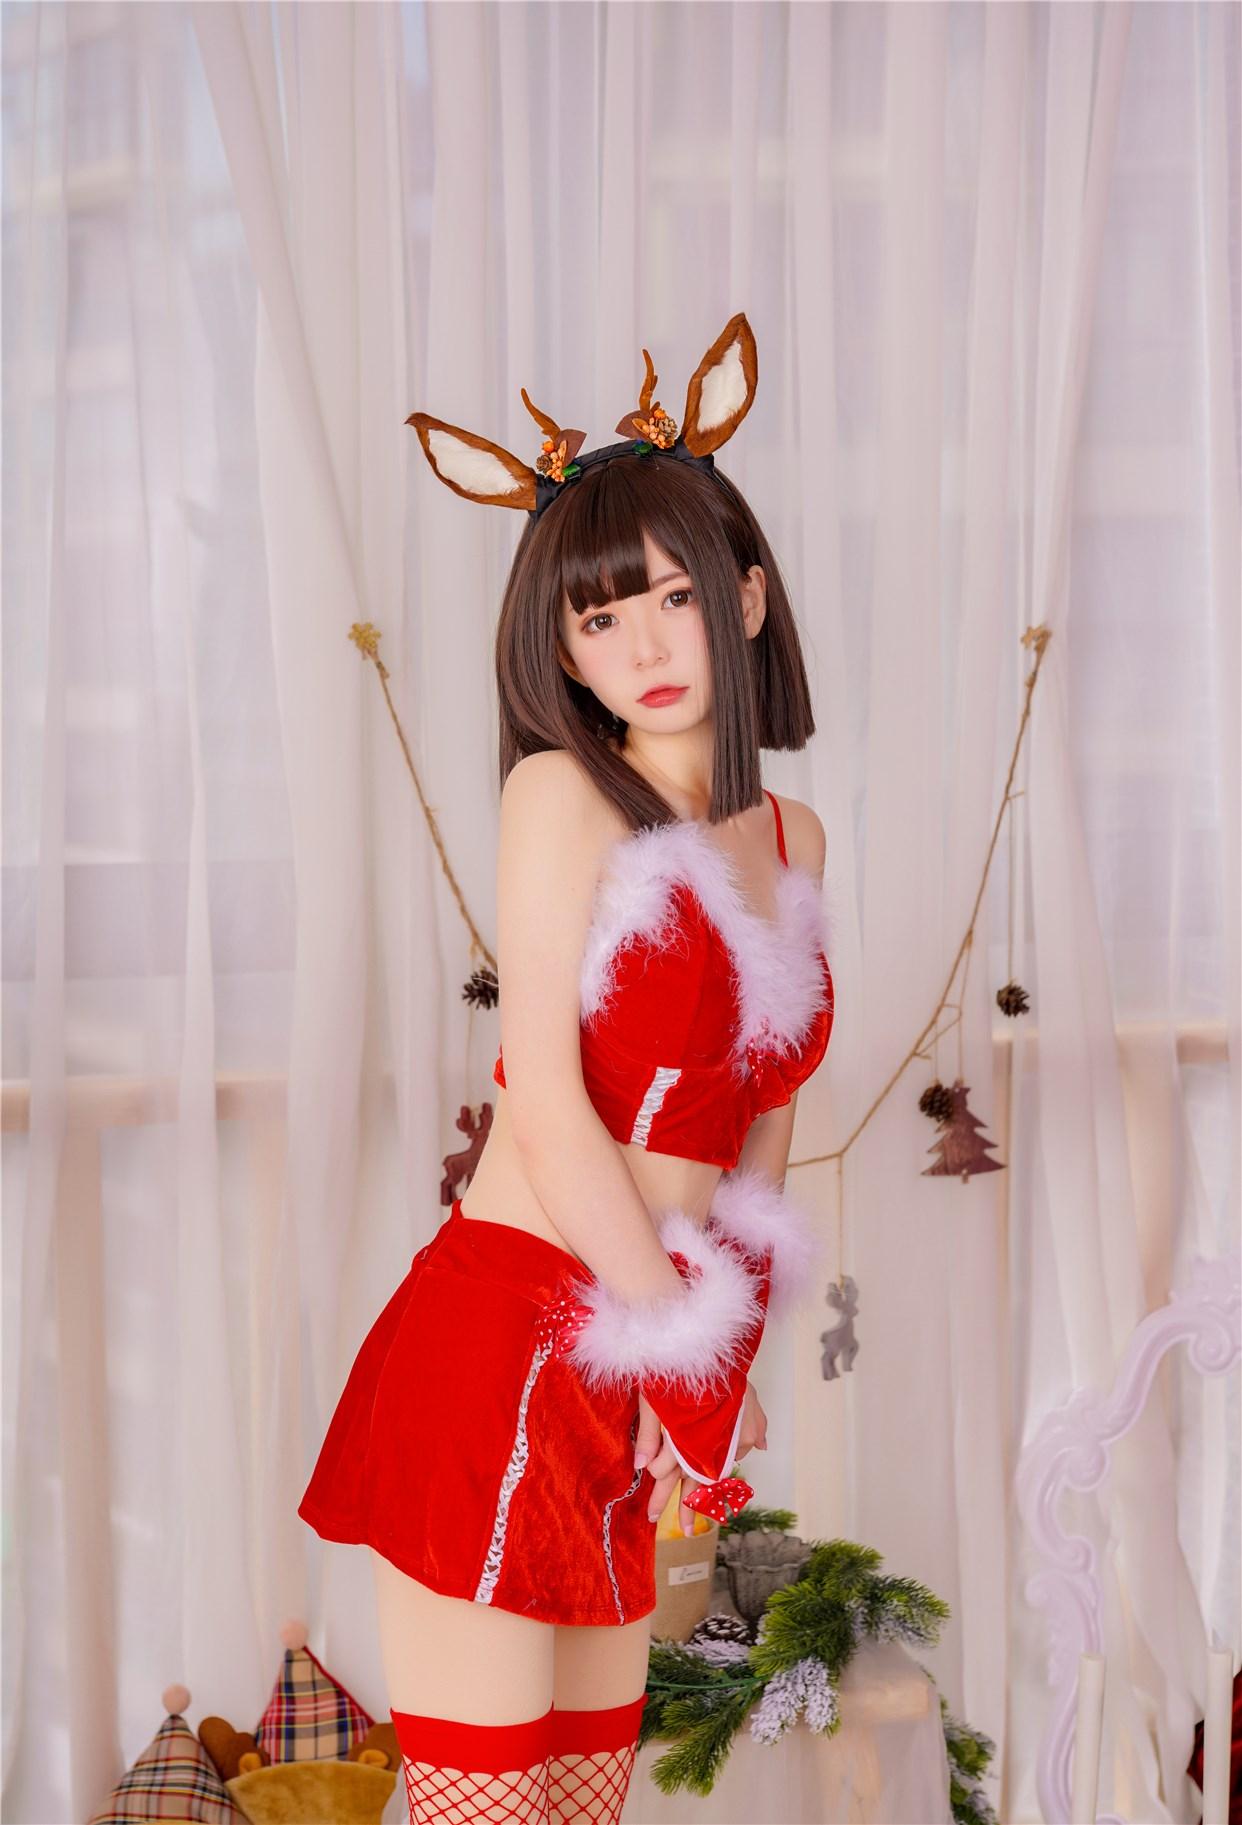 【兔玩映画】甜甜的小麋鹿 兔玩映画 第1张